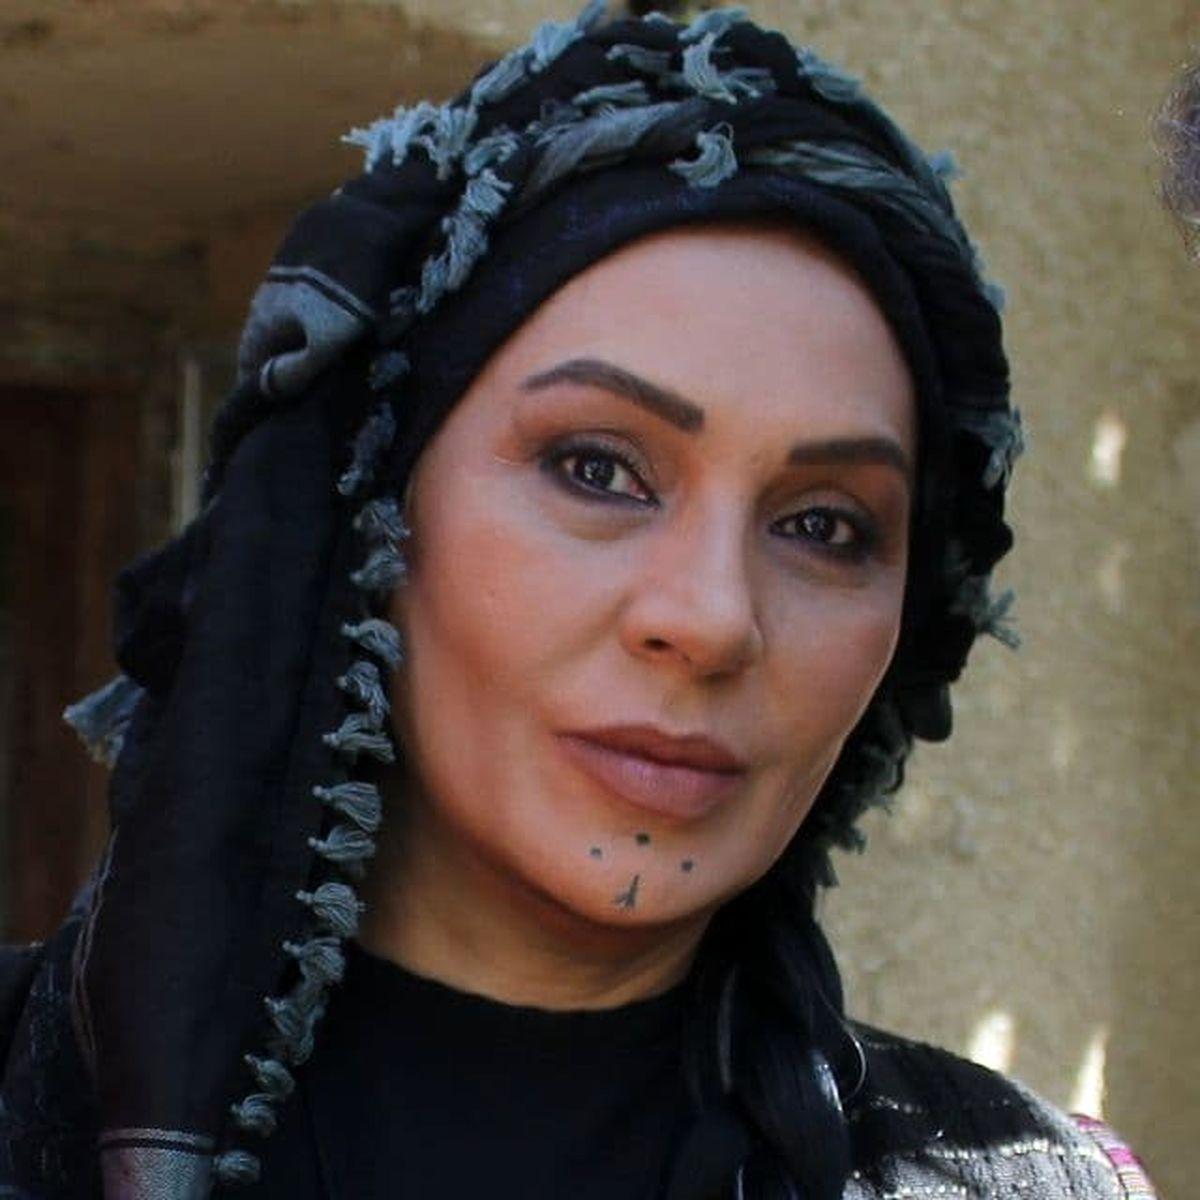 نسرین مقانلو با آرایش عربی ! +عکس